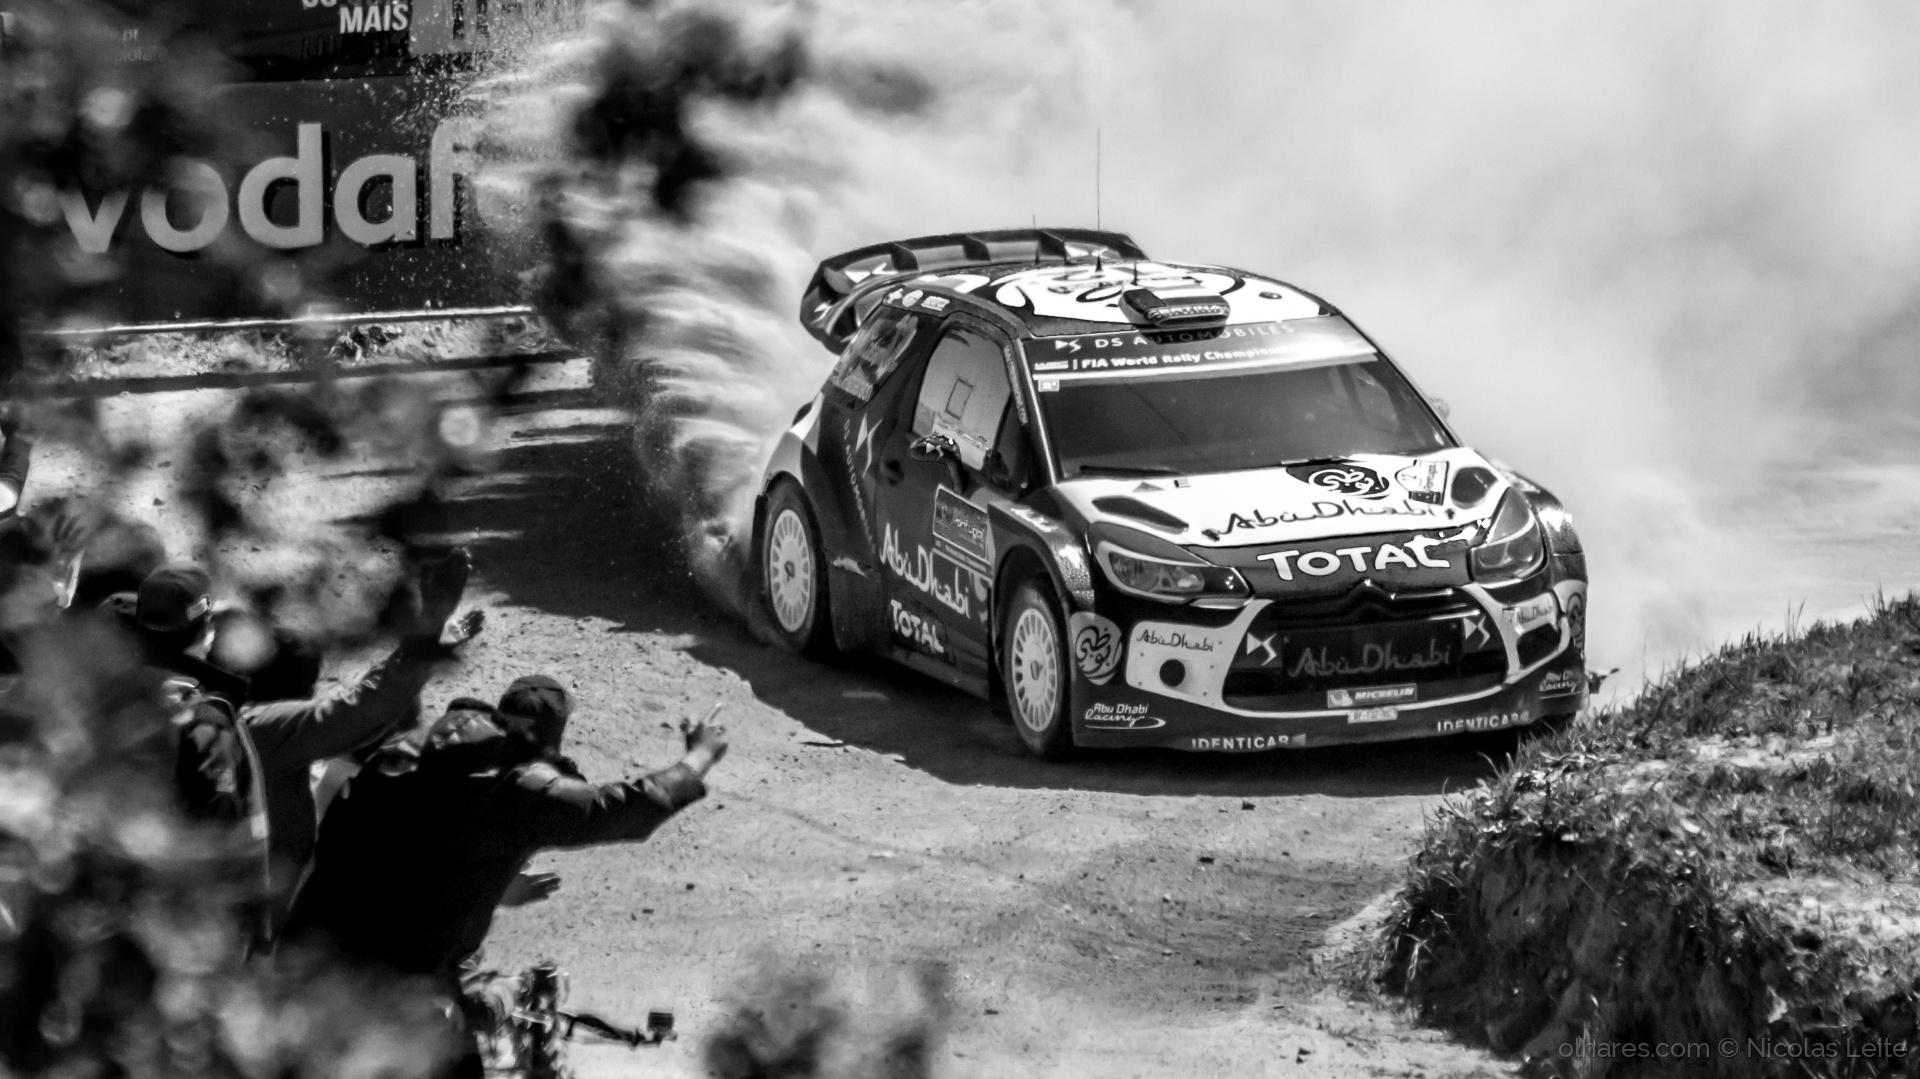 © Nicolas Leite - WRC - Rally de Portugal